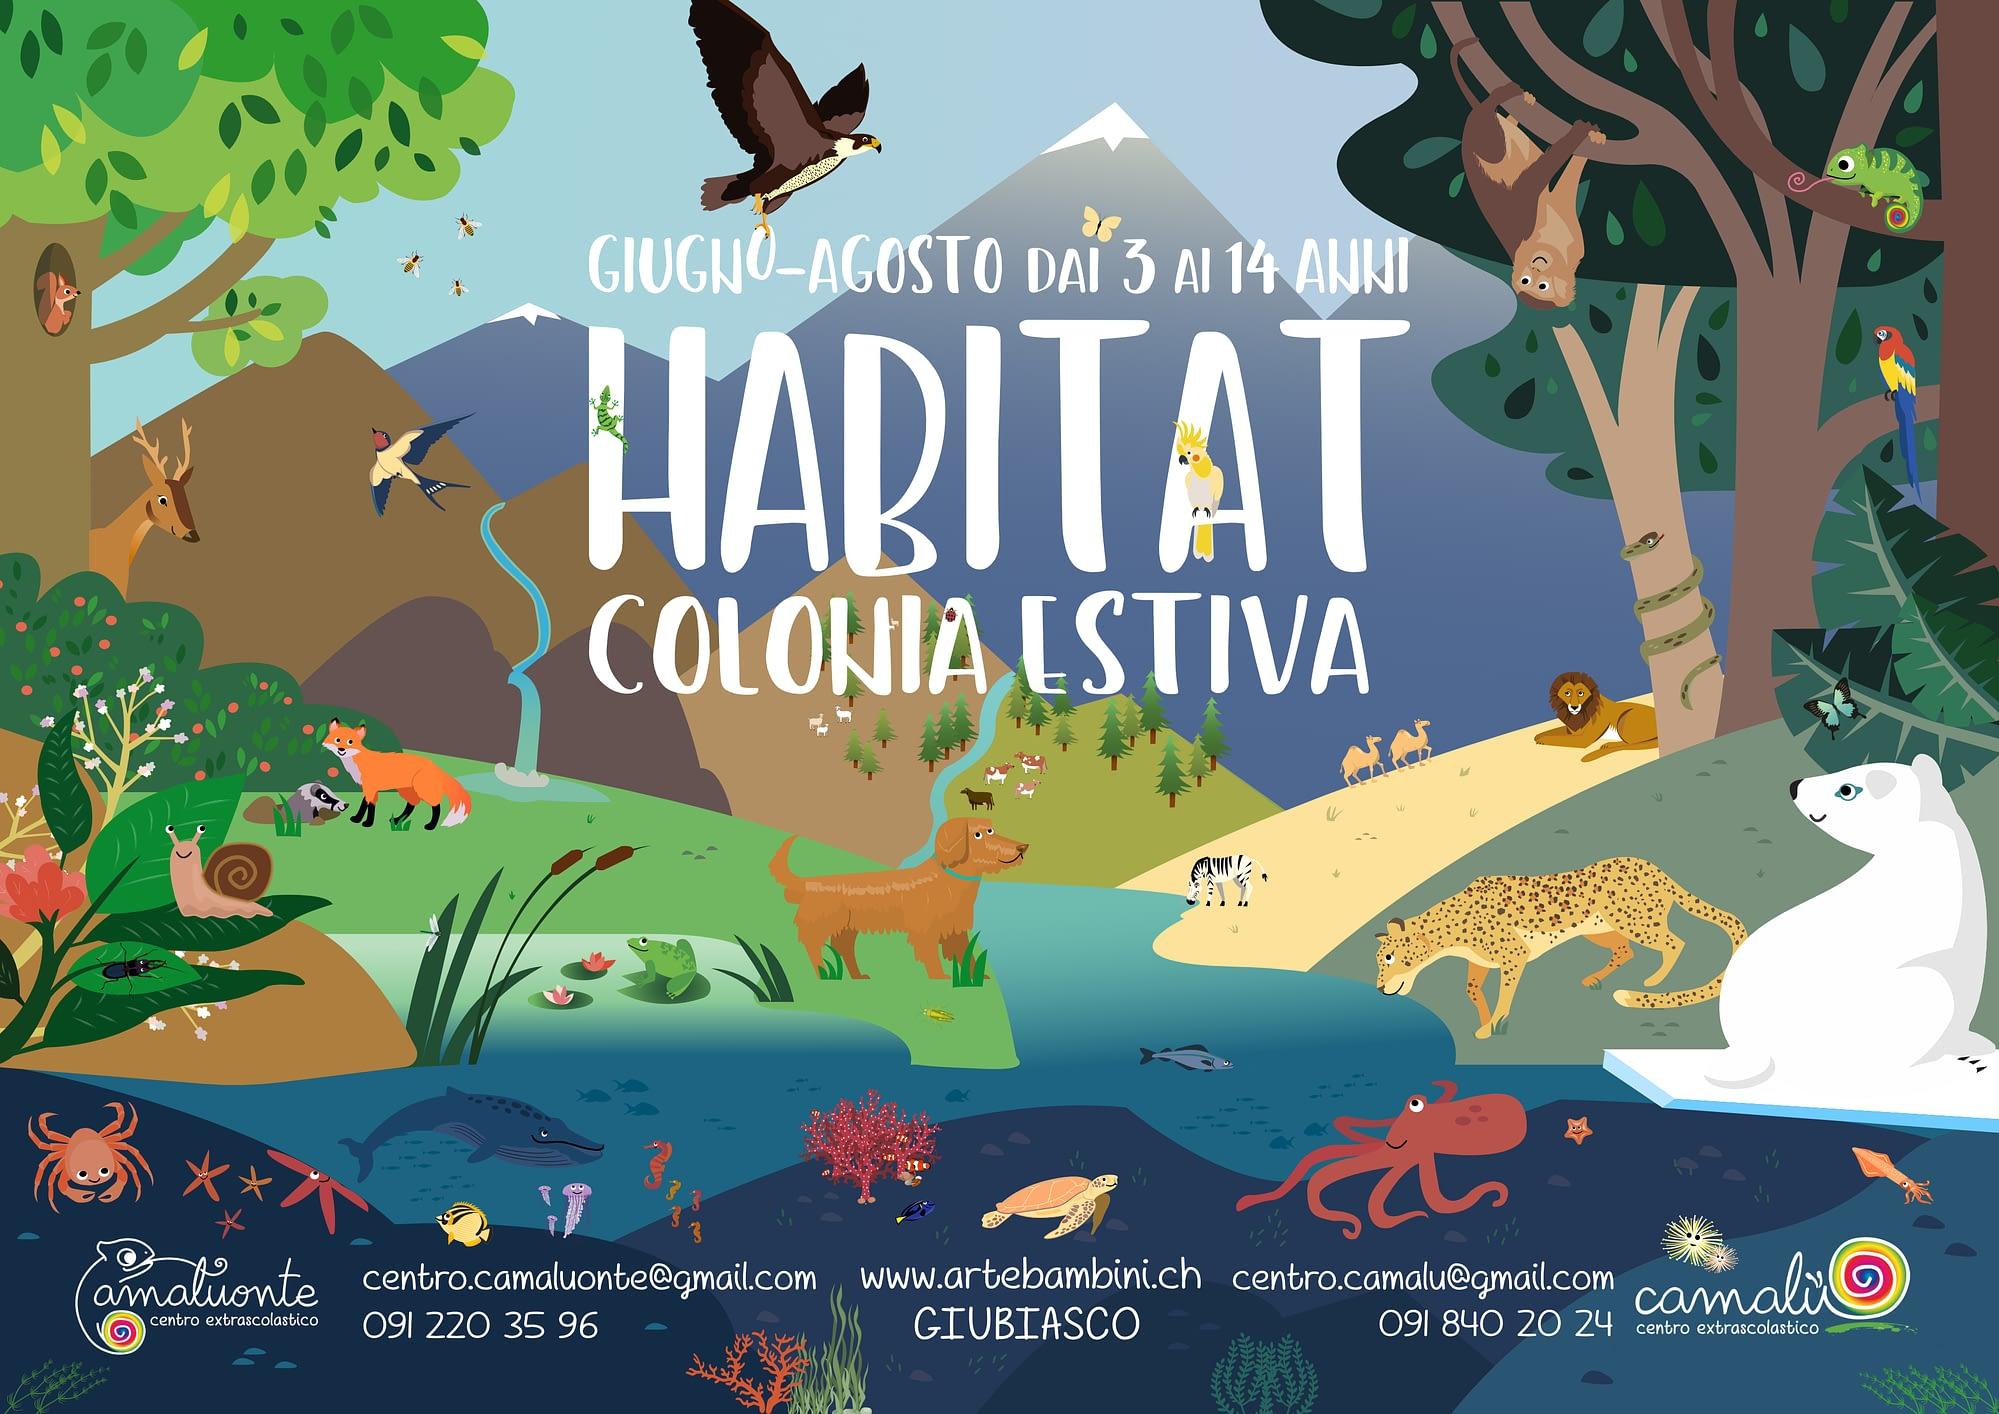 Mostra in un immagine tutti i dieci habitat che esploreremo con i bambini.